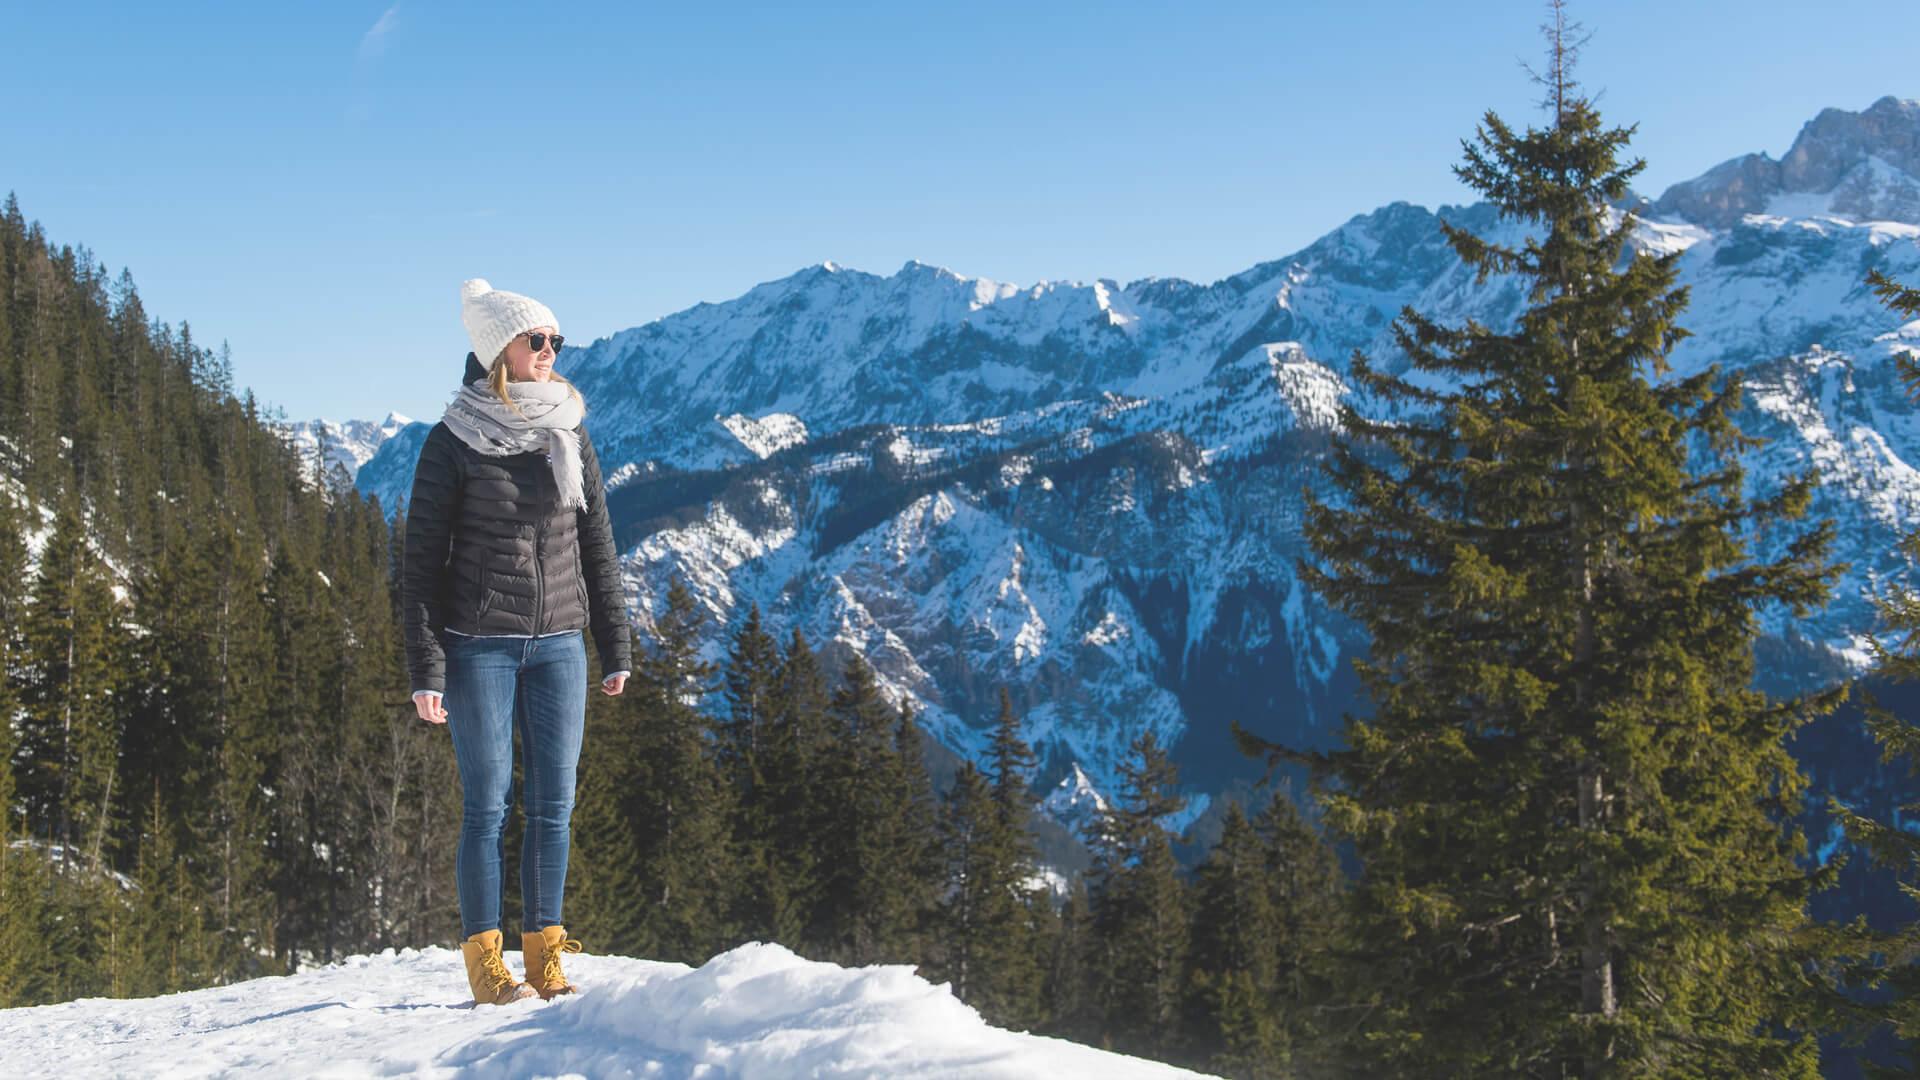 Winterurlaub in Garmisch-Partenkirchen – Frau blickt auf die Berge